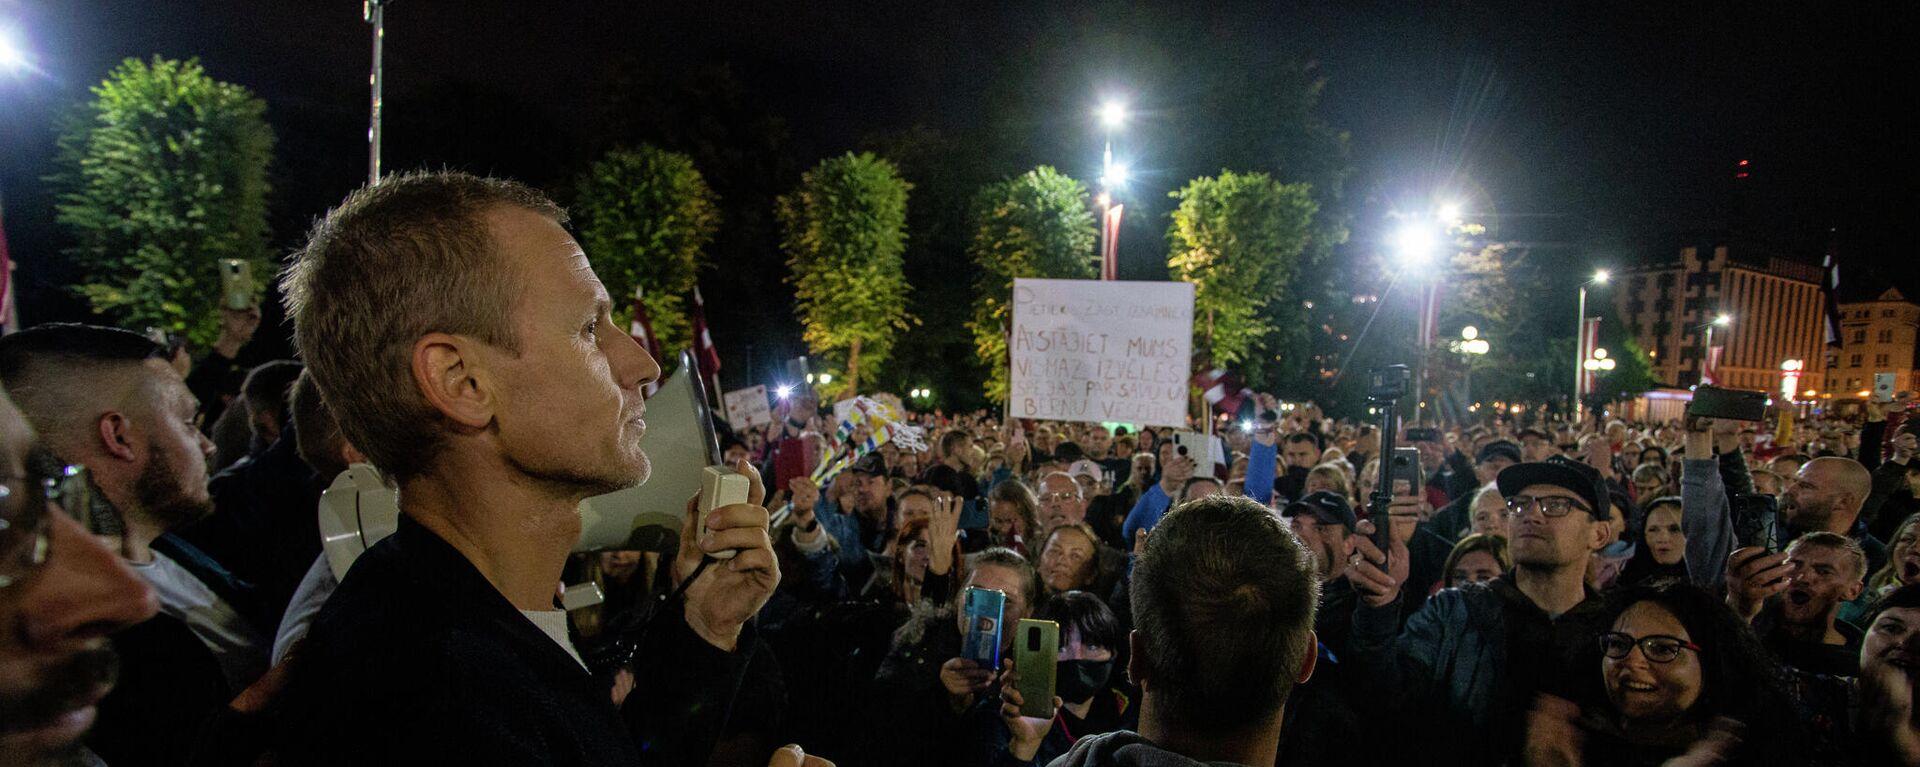 Алдис Гобземс(слева) обращается к участникам акции протеста против обязательной вакцинации в Риге, 18 августа - Sputnik Латвия, 1920, 19.08.2021